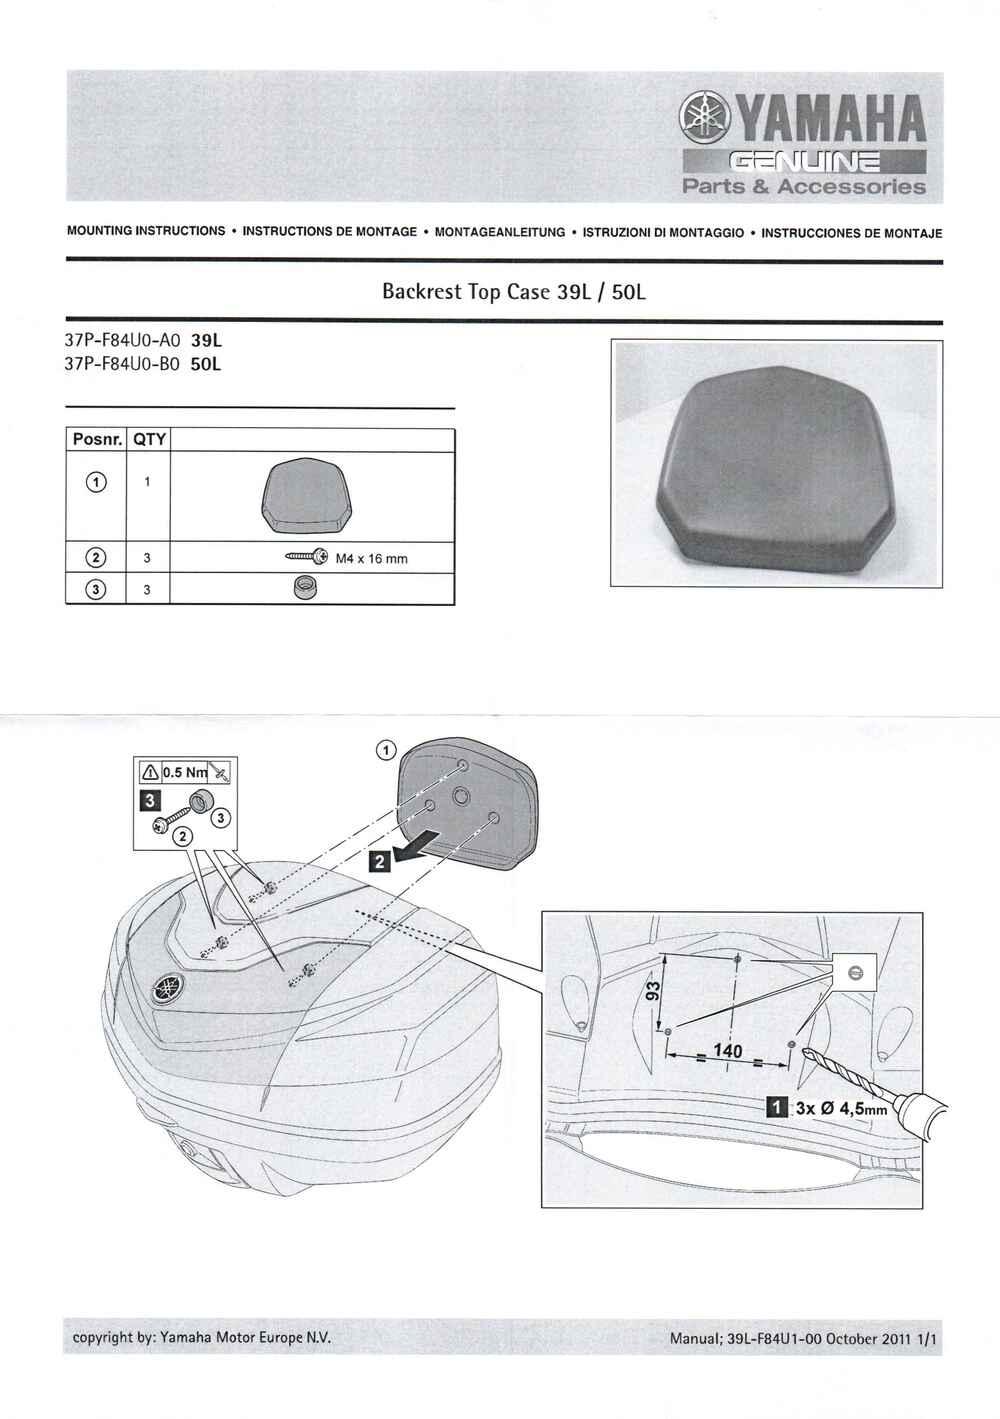 Montageanleitung Rückenlehne Top Case 50 Liter